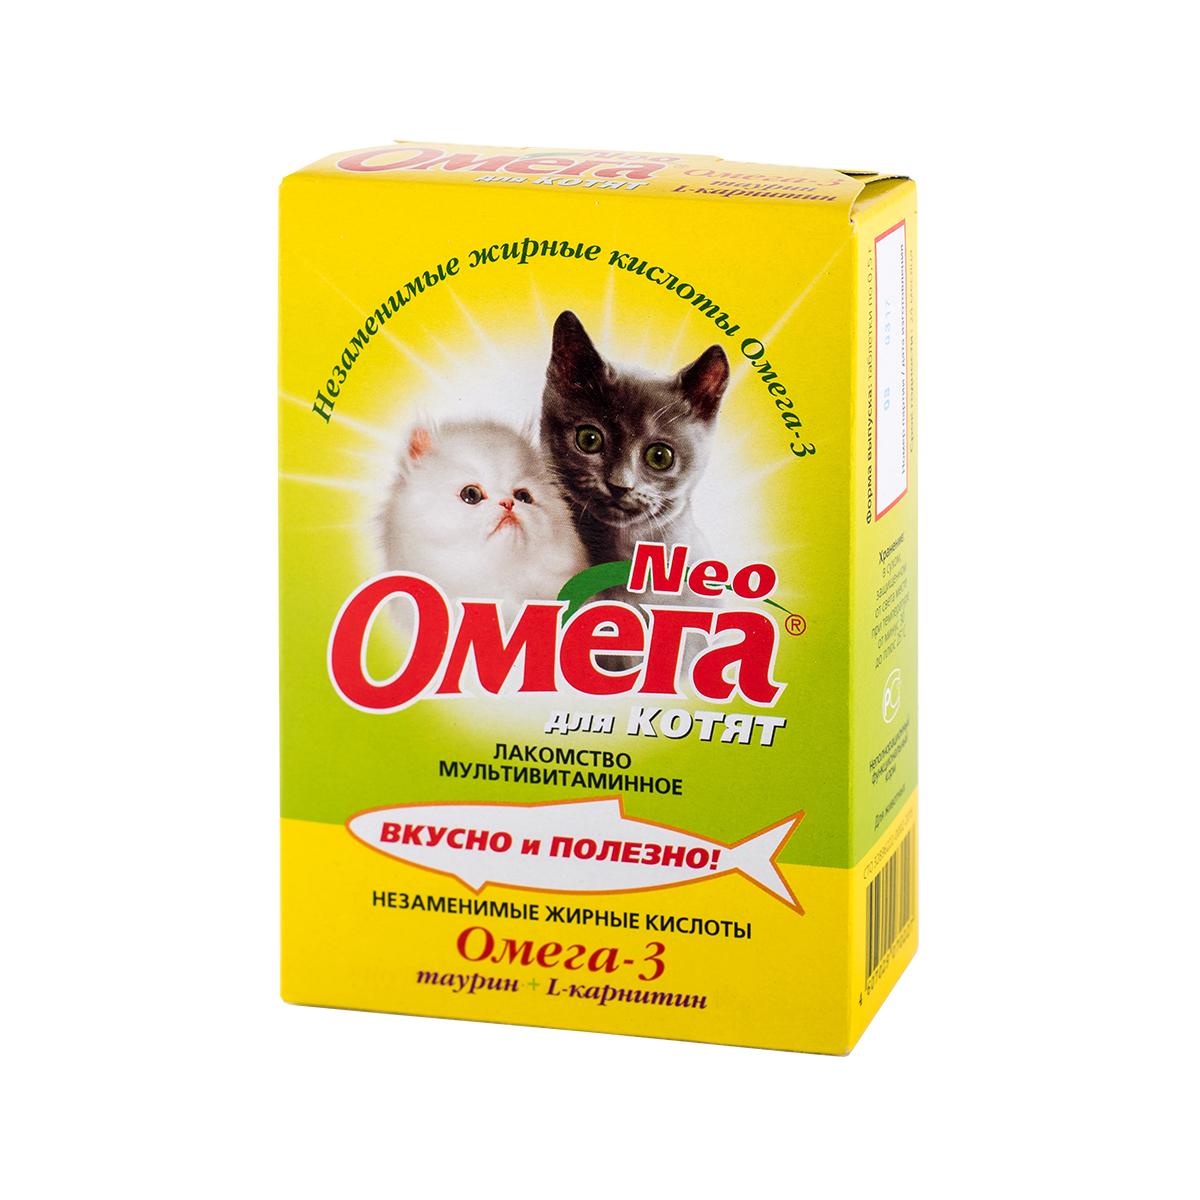 Омега Neo для котят с таурином и L-карнитином